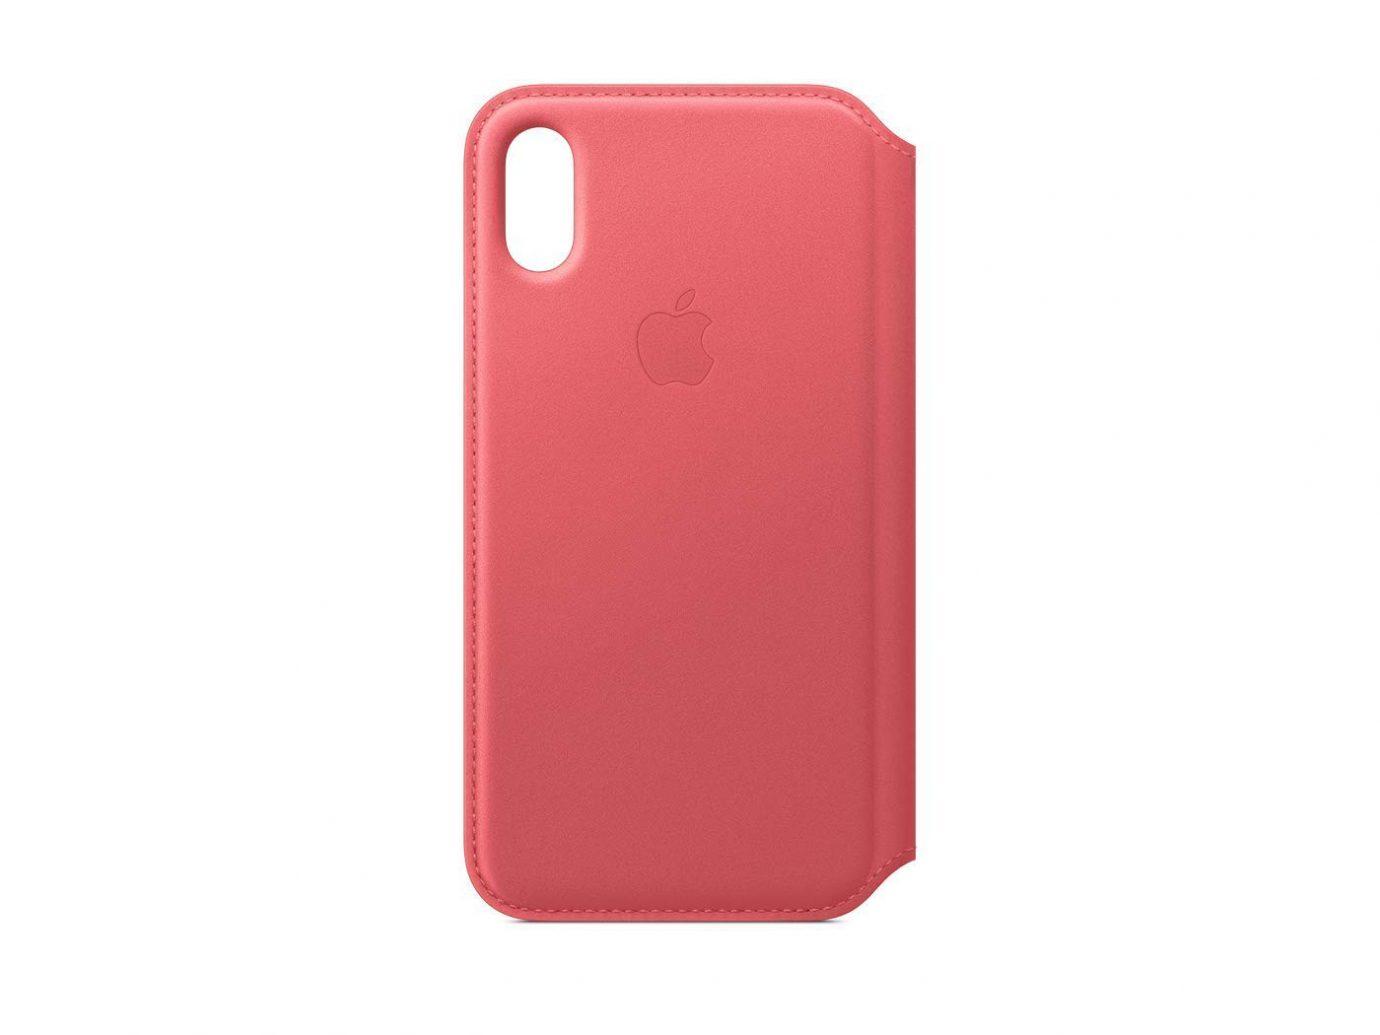 Apple Folio Case for iPhone XS